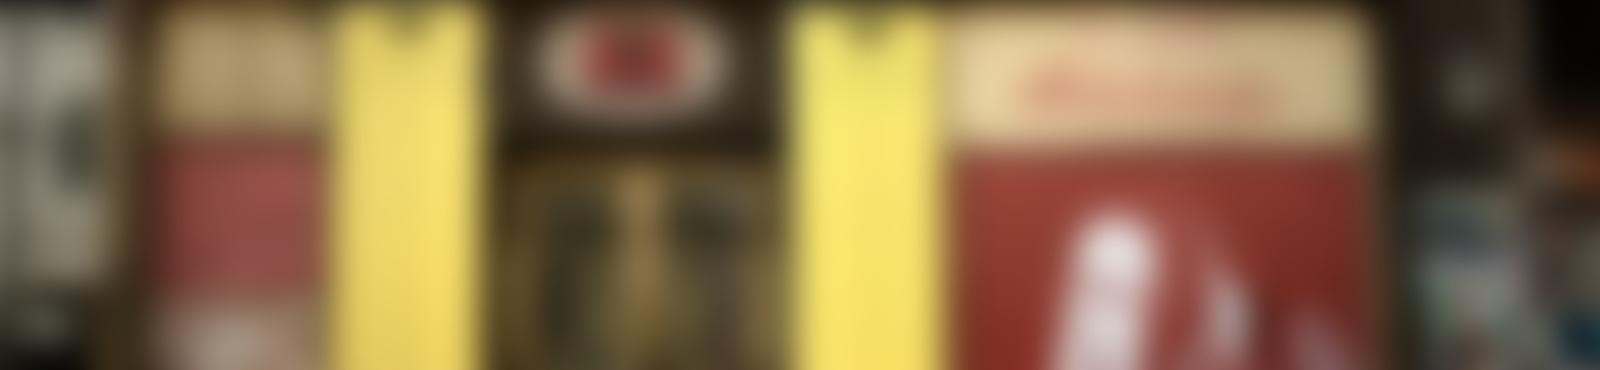 Blurred zar schokolade fabrik 0d68c6e9 f90e 43ff a548 79bf8cba42ba